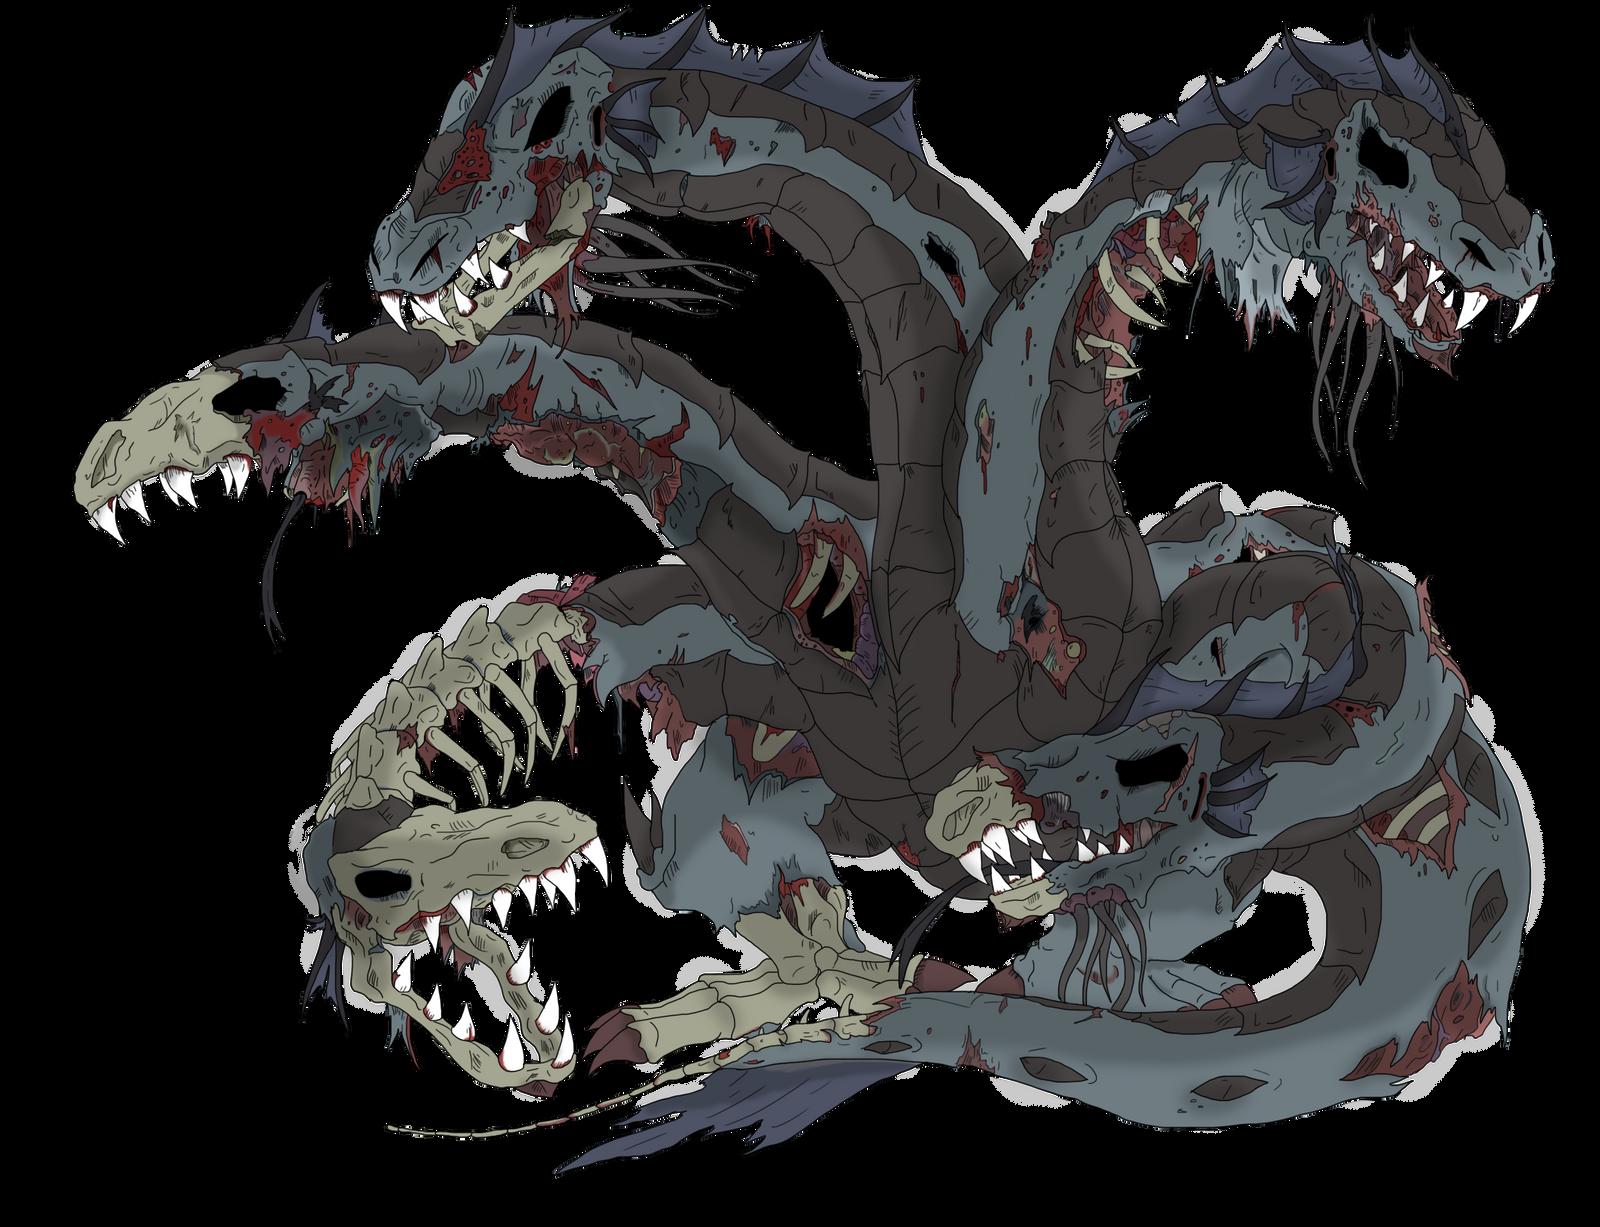 Zombie hydra